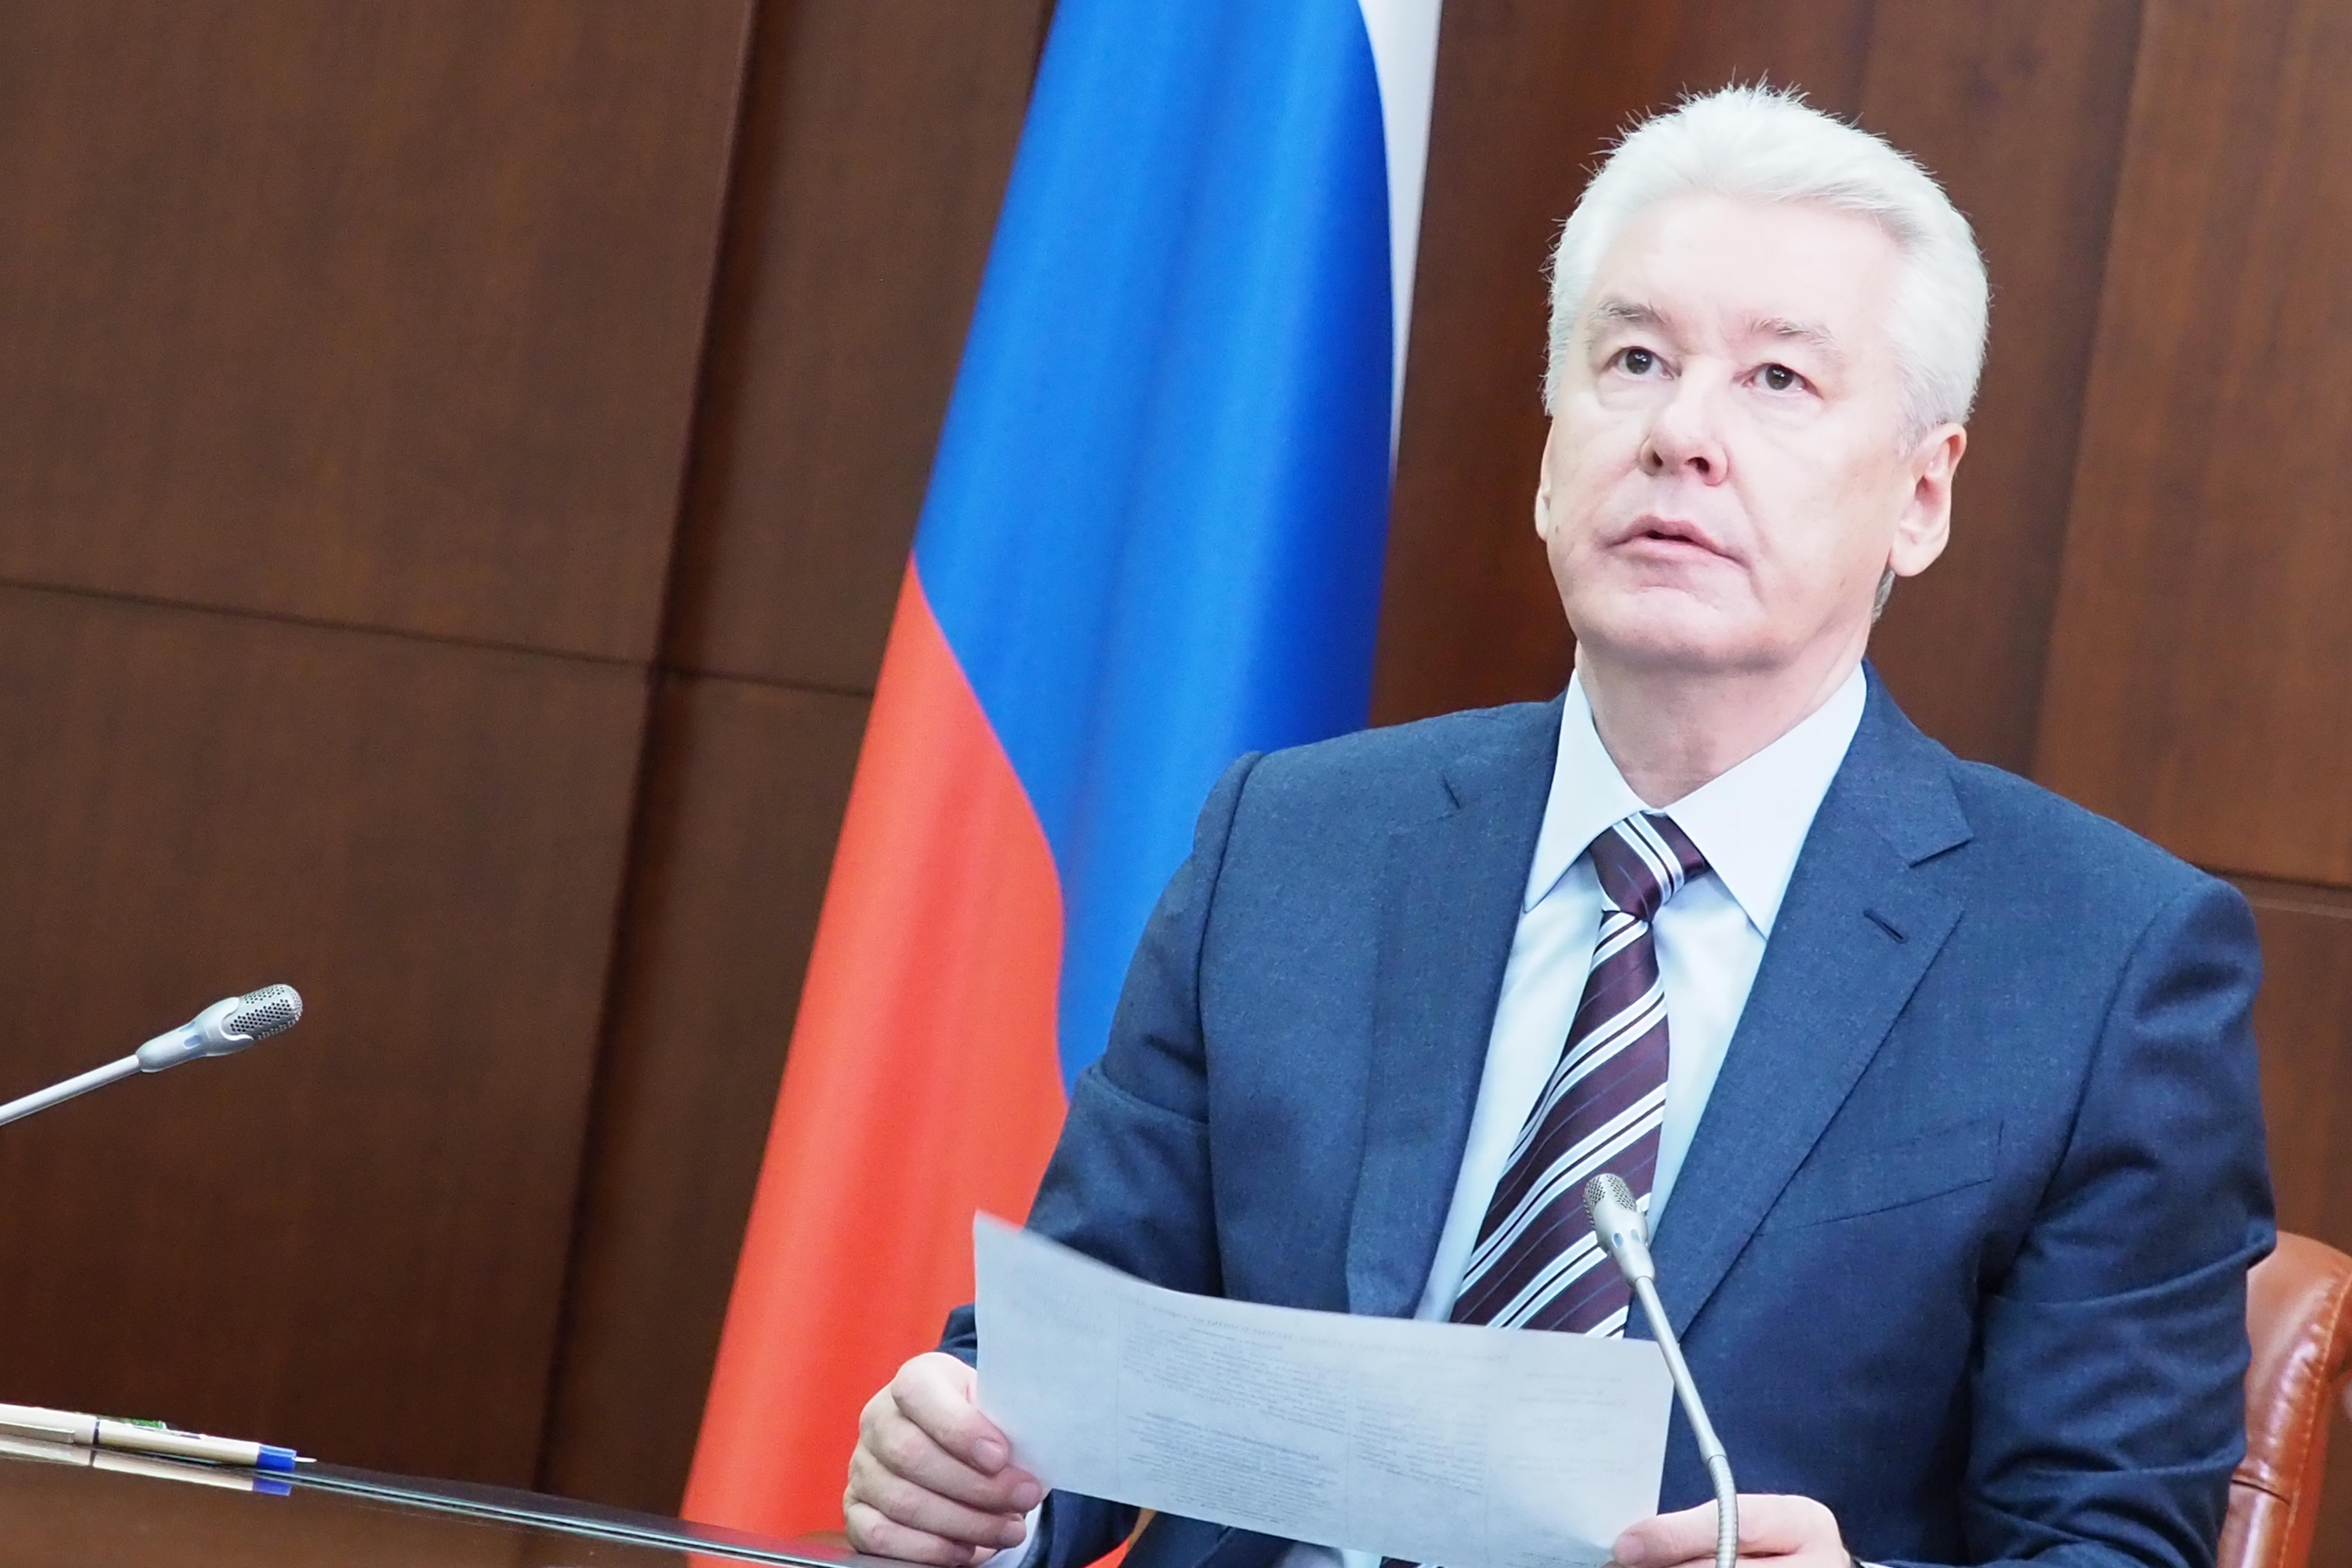 Собянин выделил гранты на создание 3 новых детских технопарков